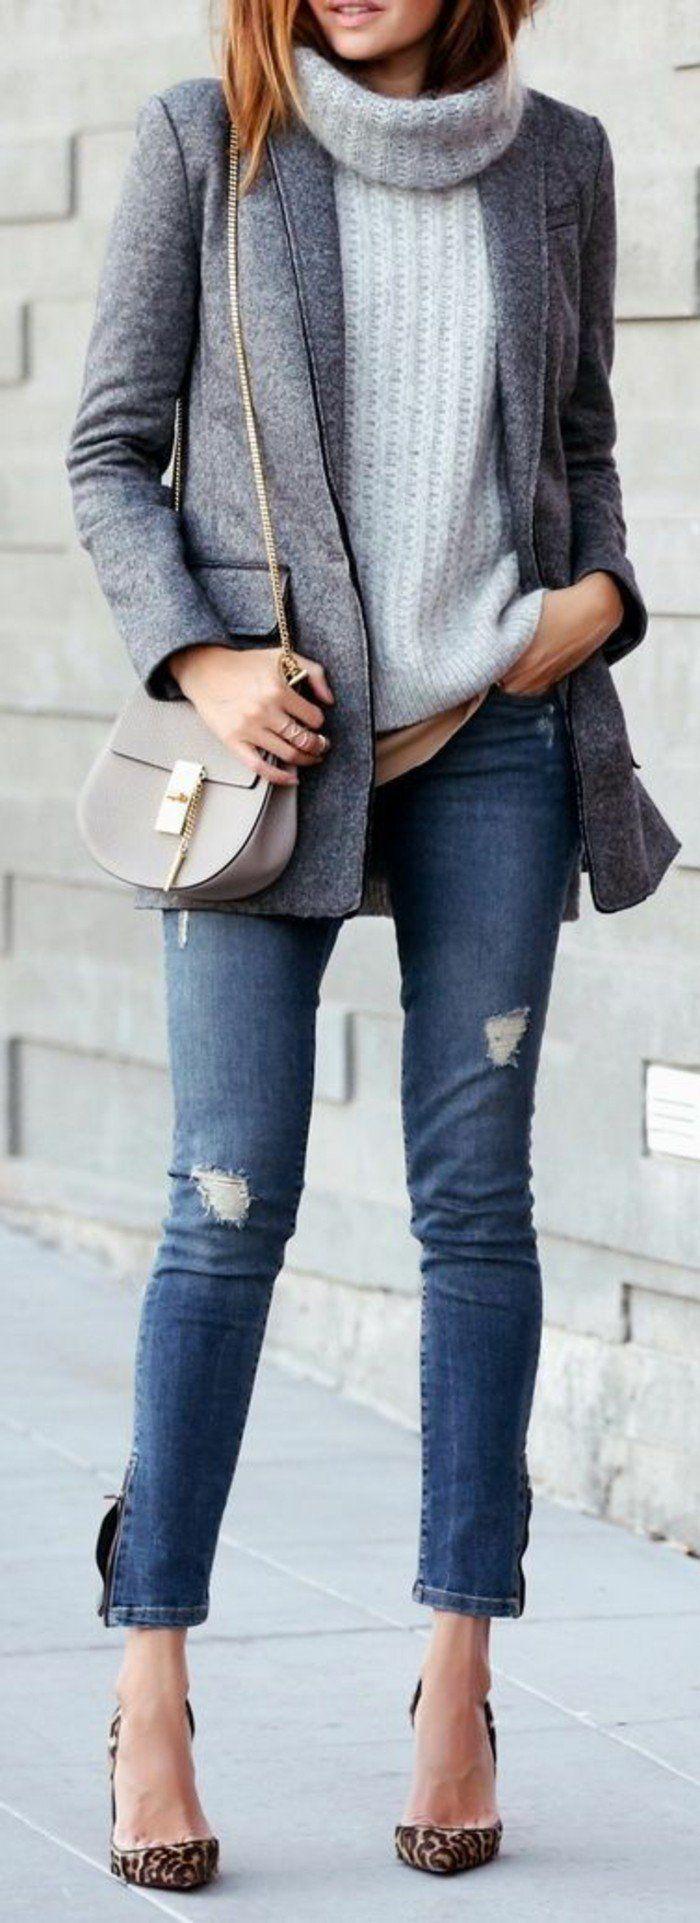 élégante tenue aux couleurs neutres, pull en laine femme, blazer gris et jean slim